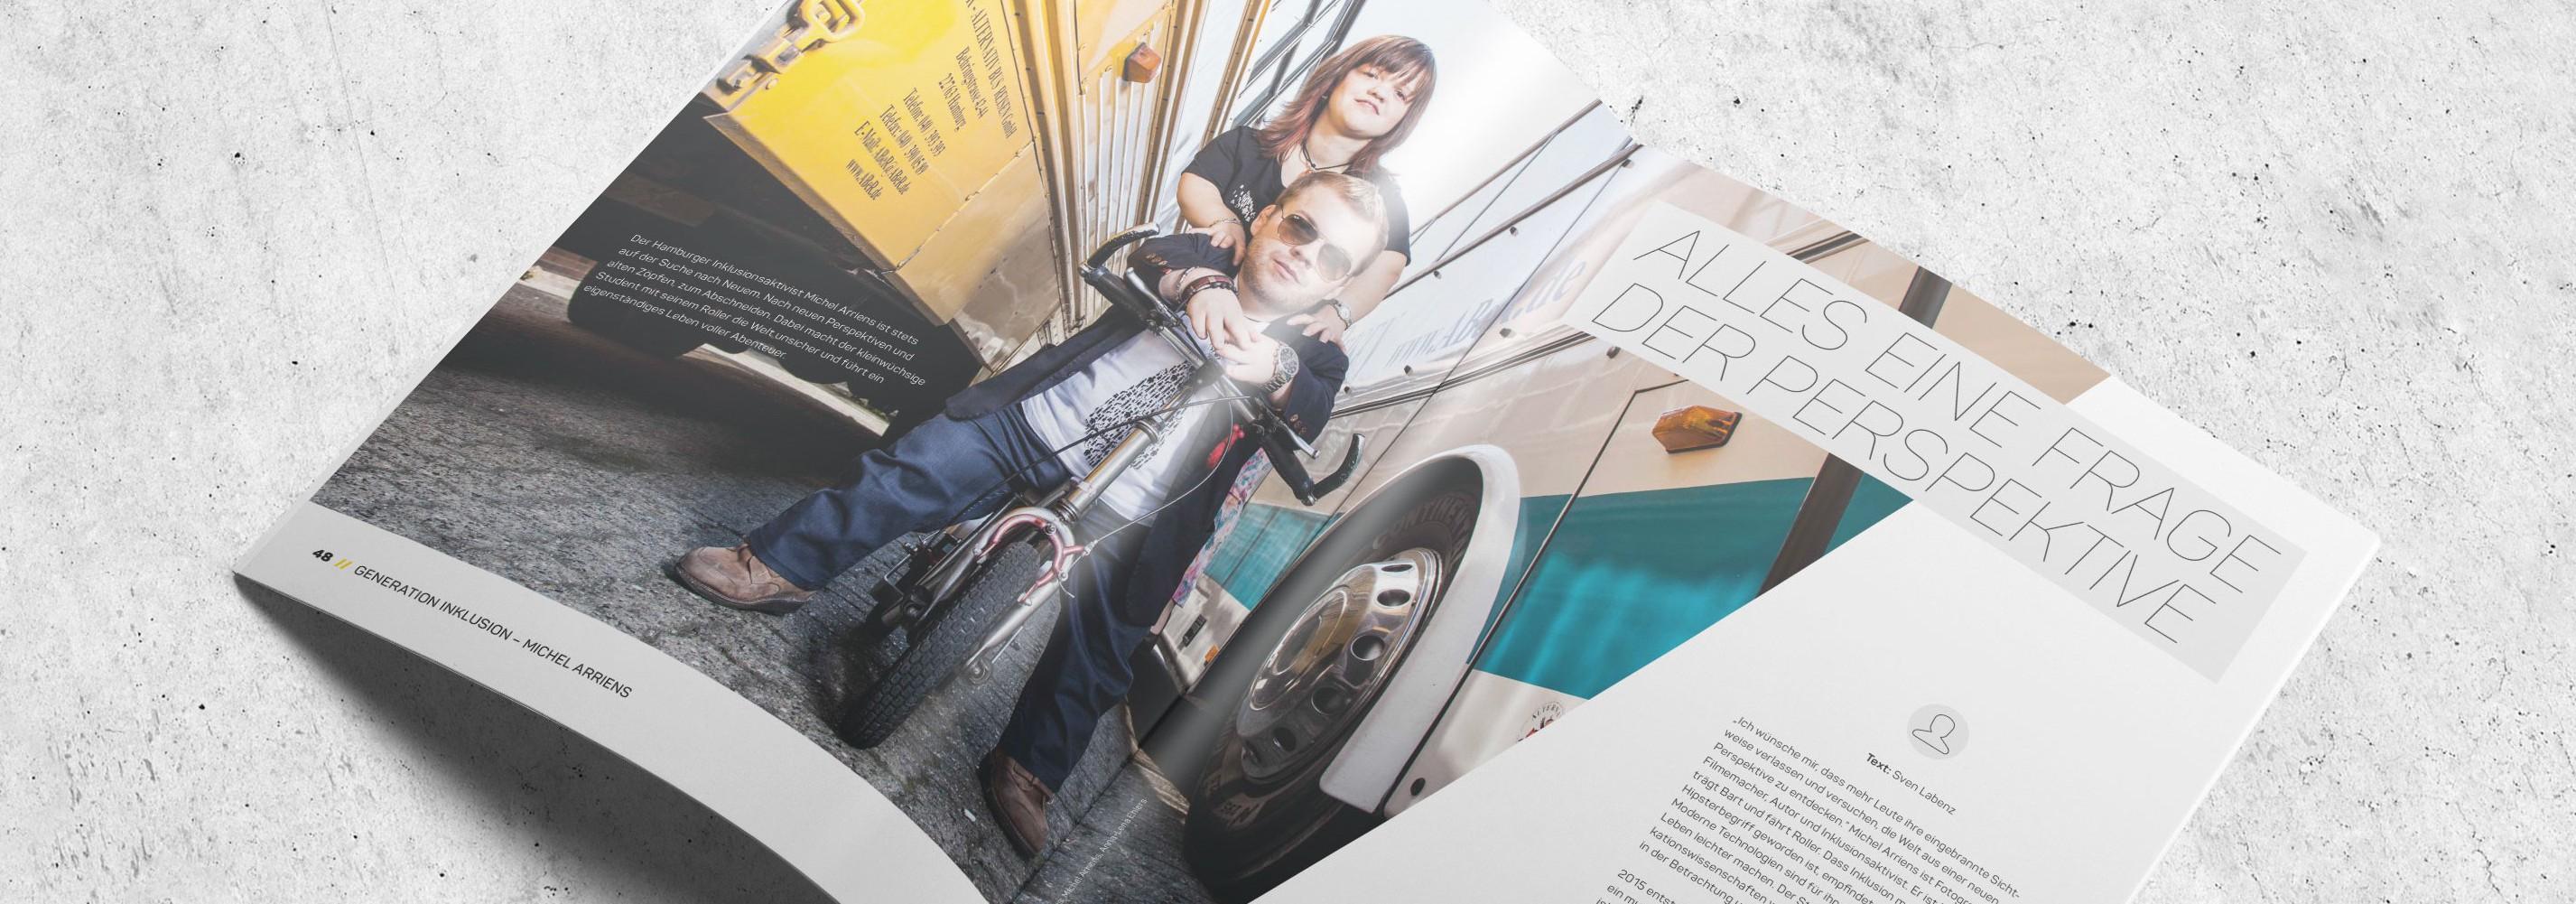 Mockup des Artikels in der neuen Ausgabe von Rollt.